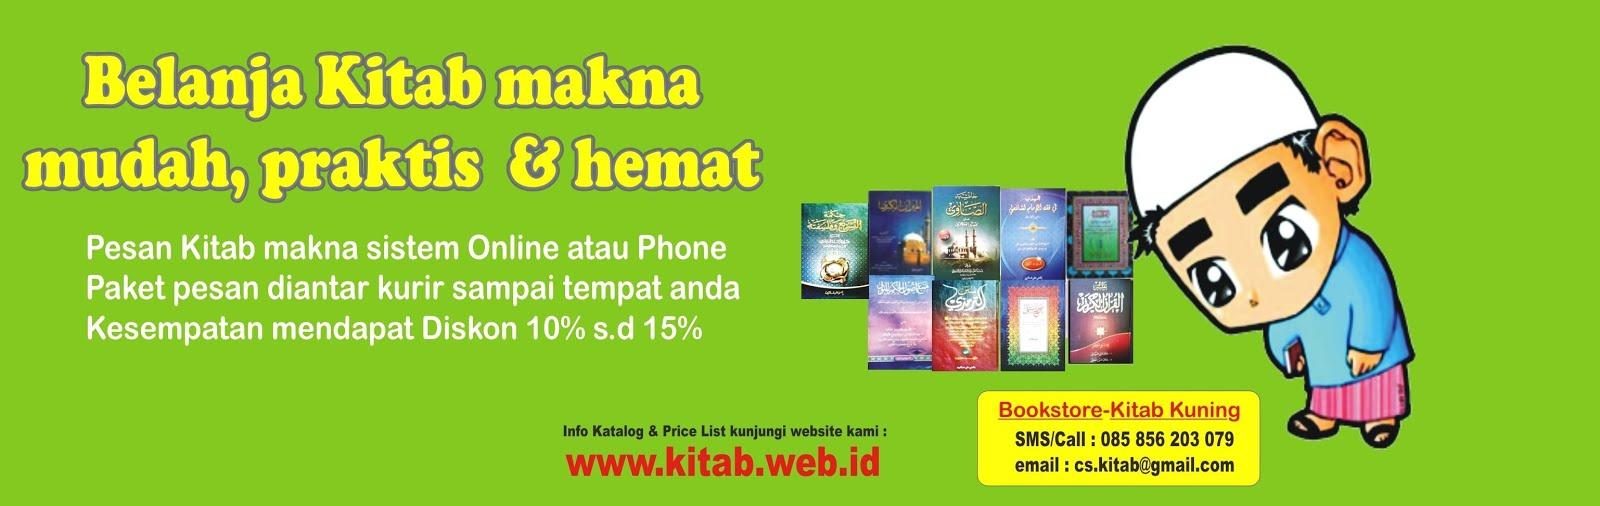 KITAB KUNING MAKNA & BUKU ISLAM